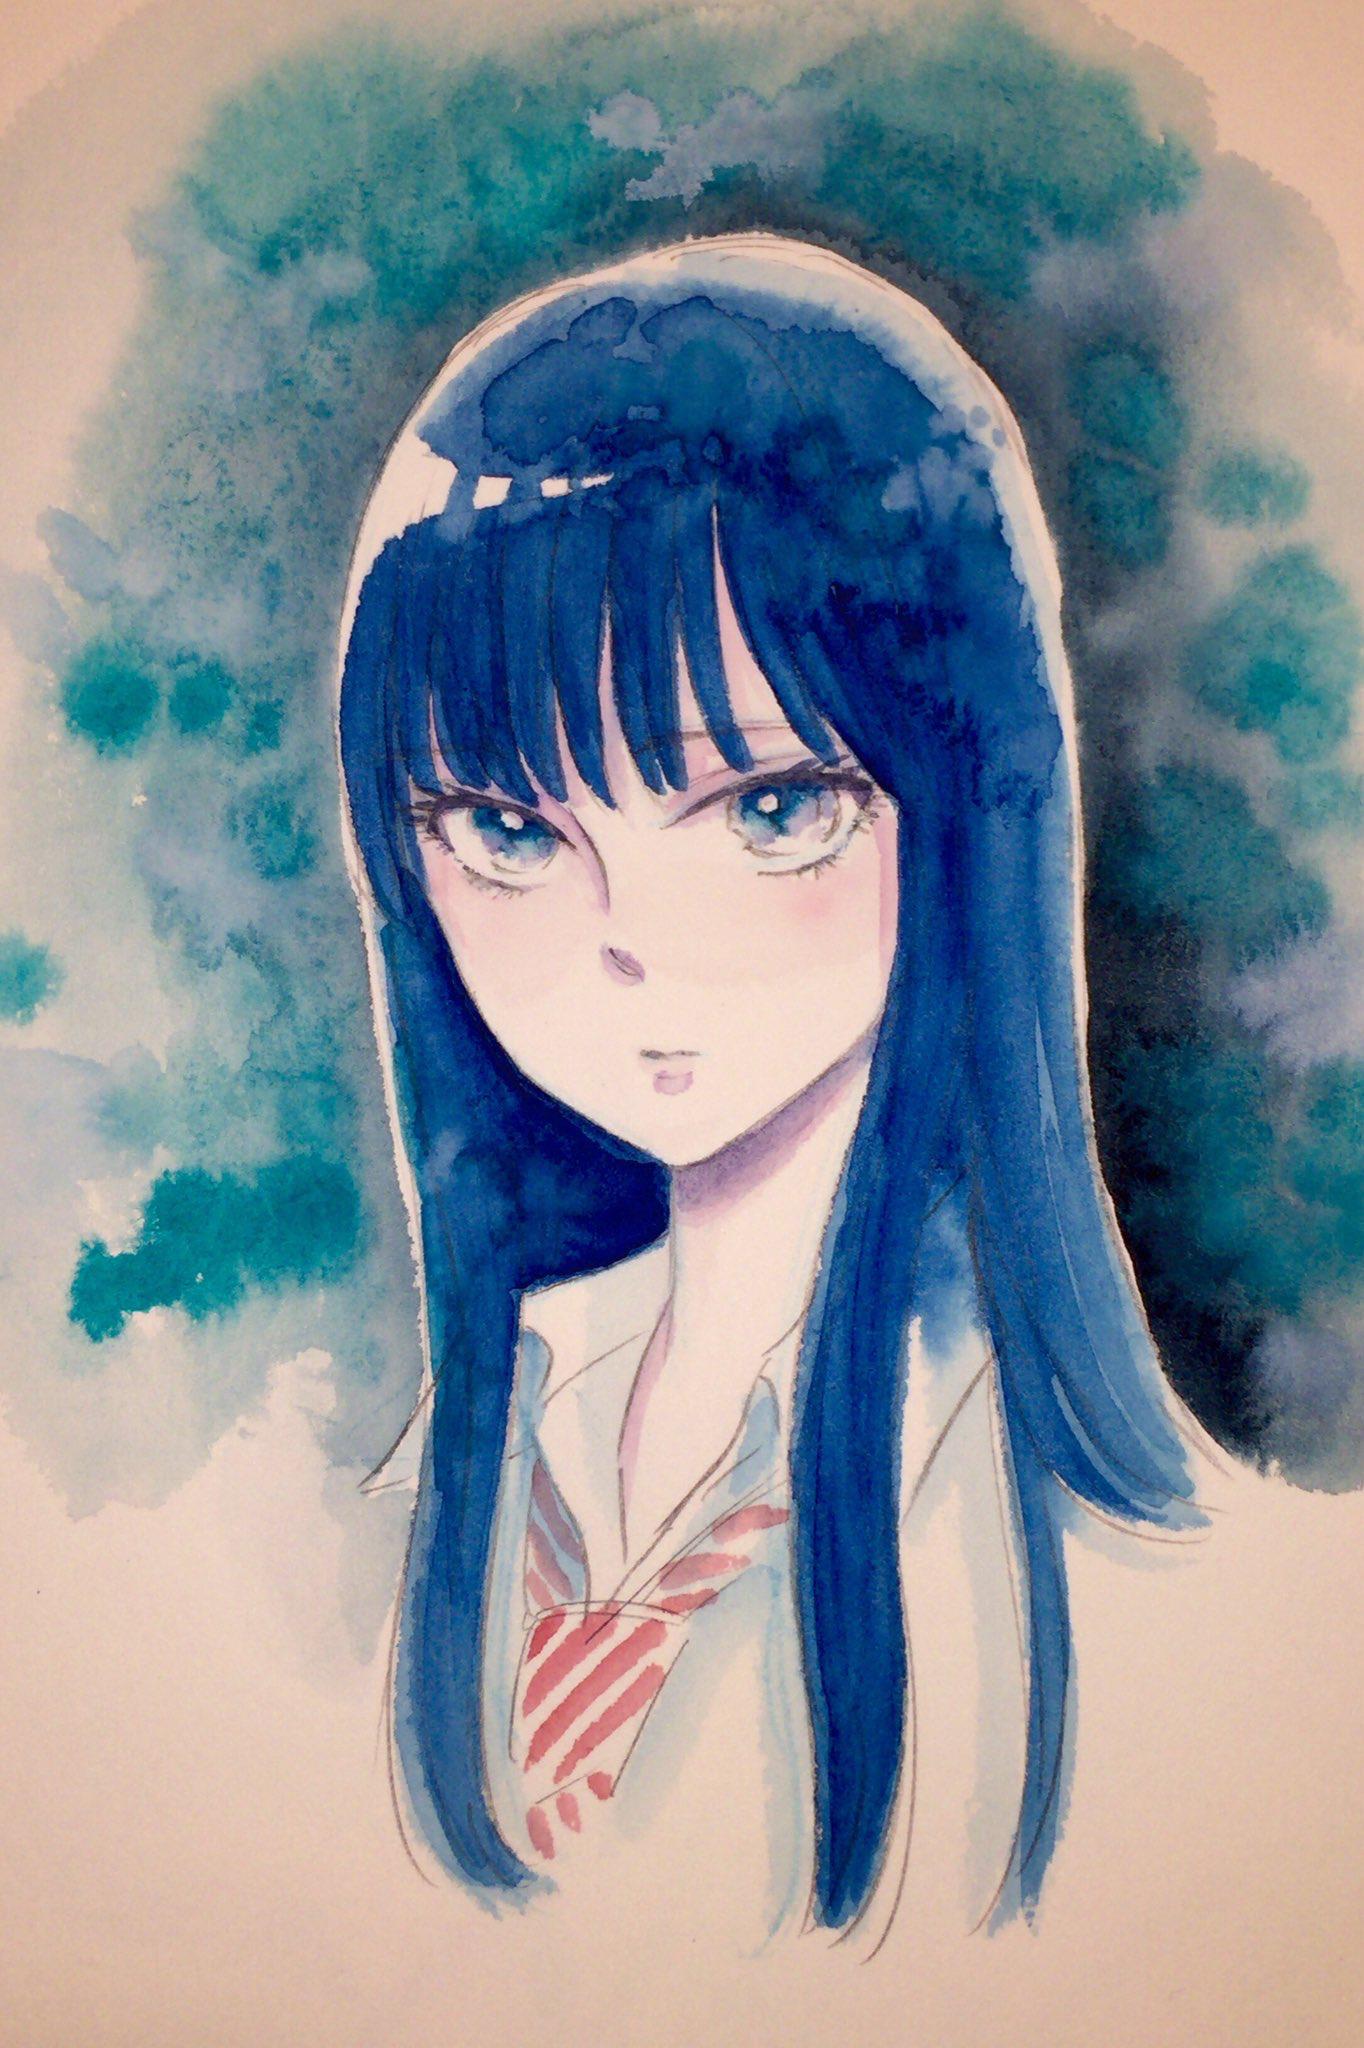 恋は雨上がりのように | Love is Like After the Rain | Akira, Anime artwork y ...